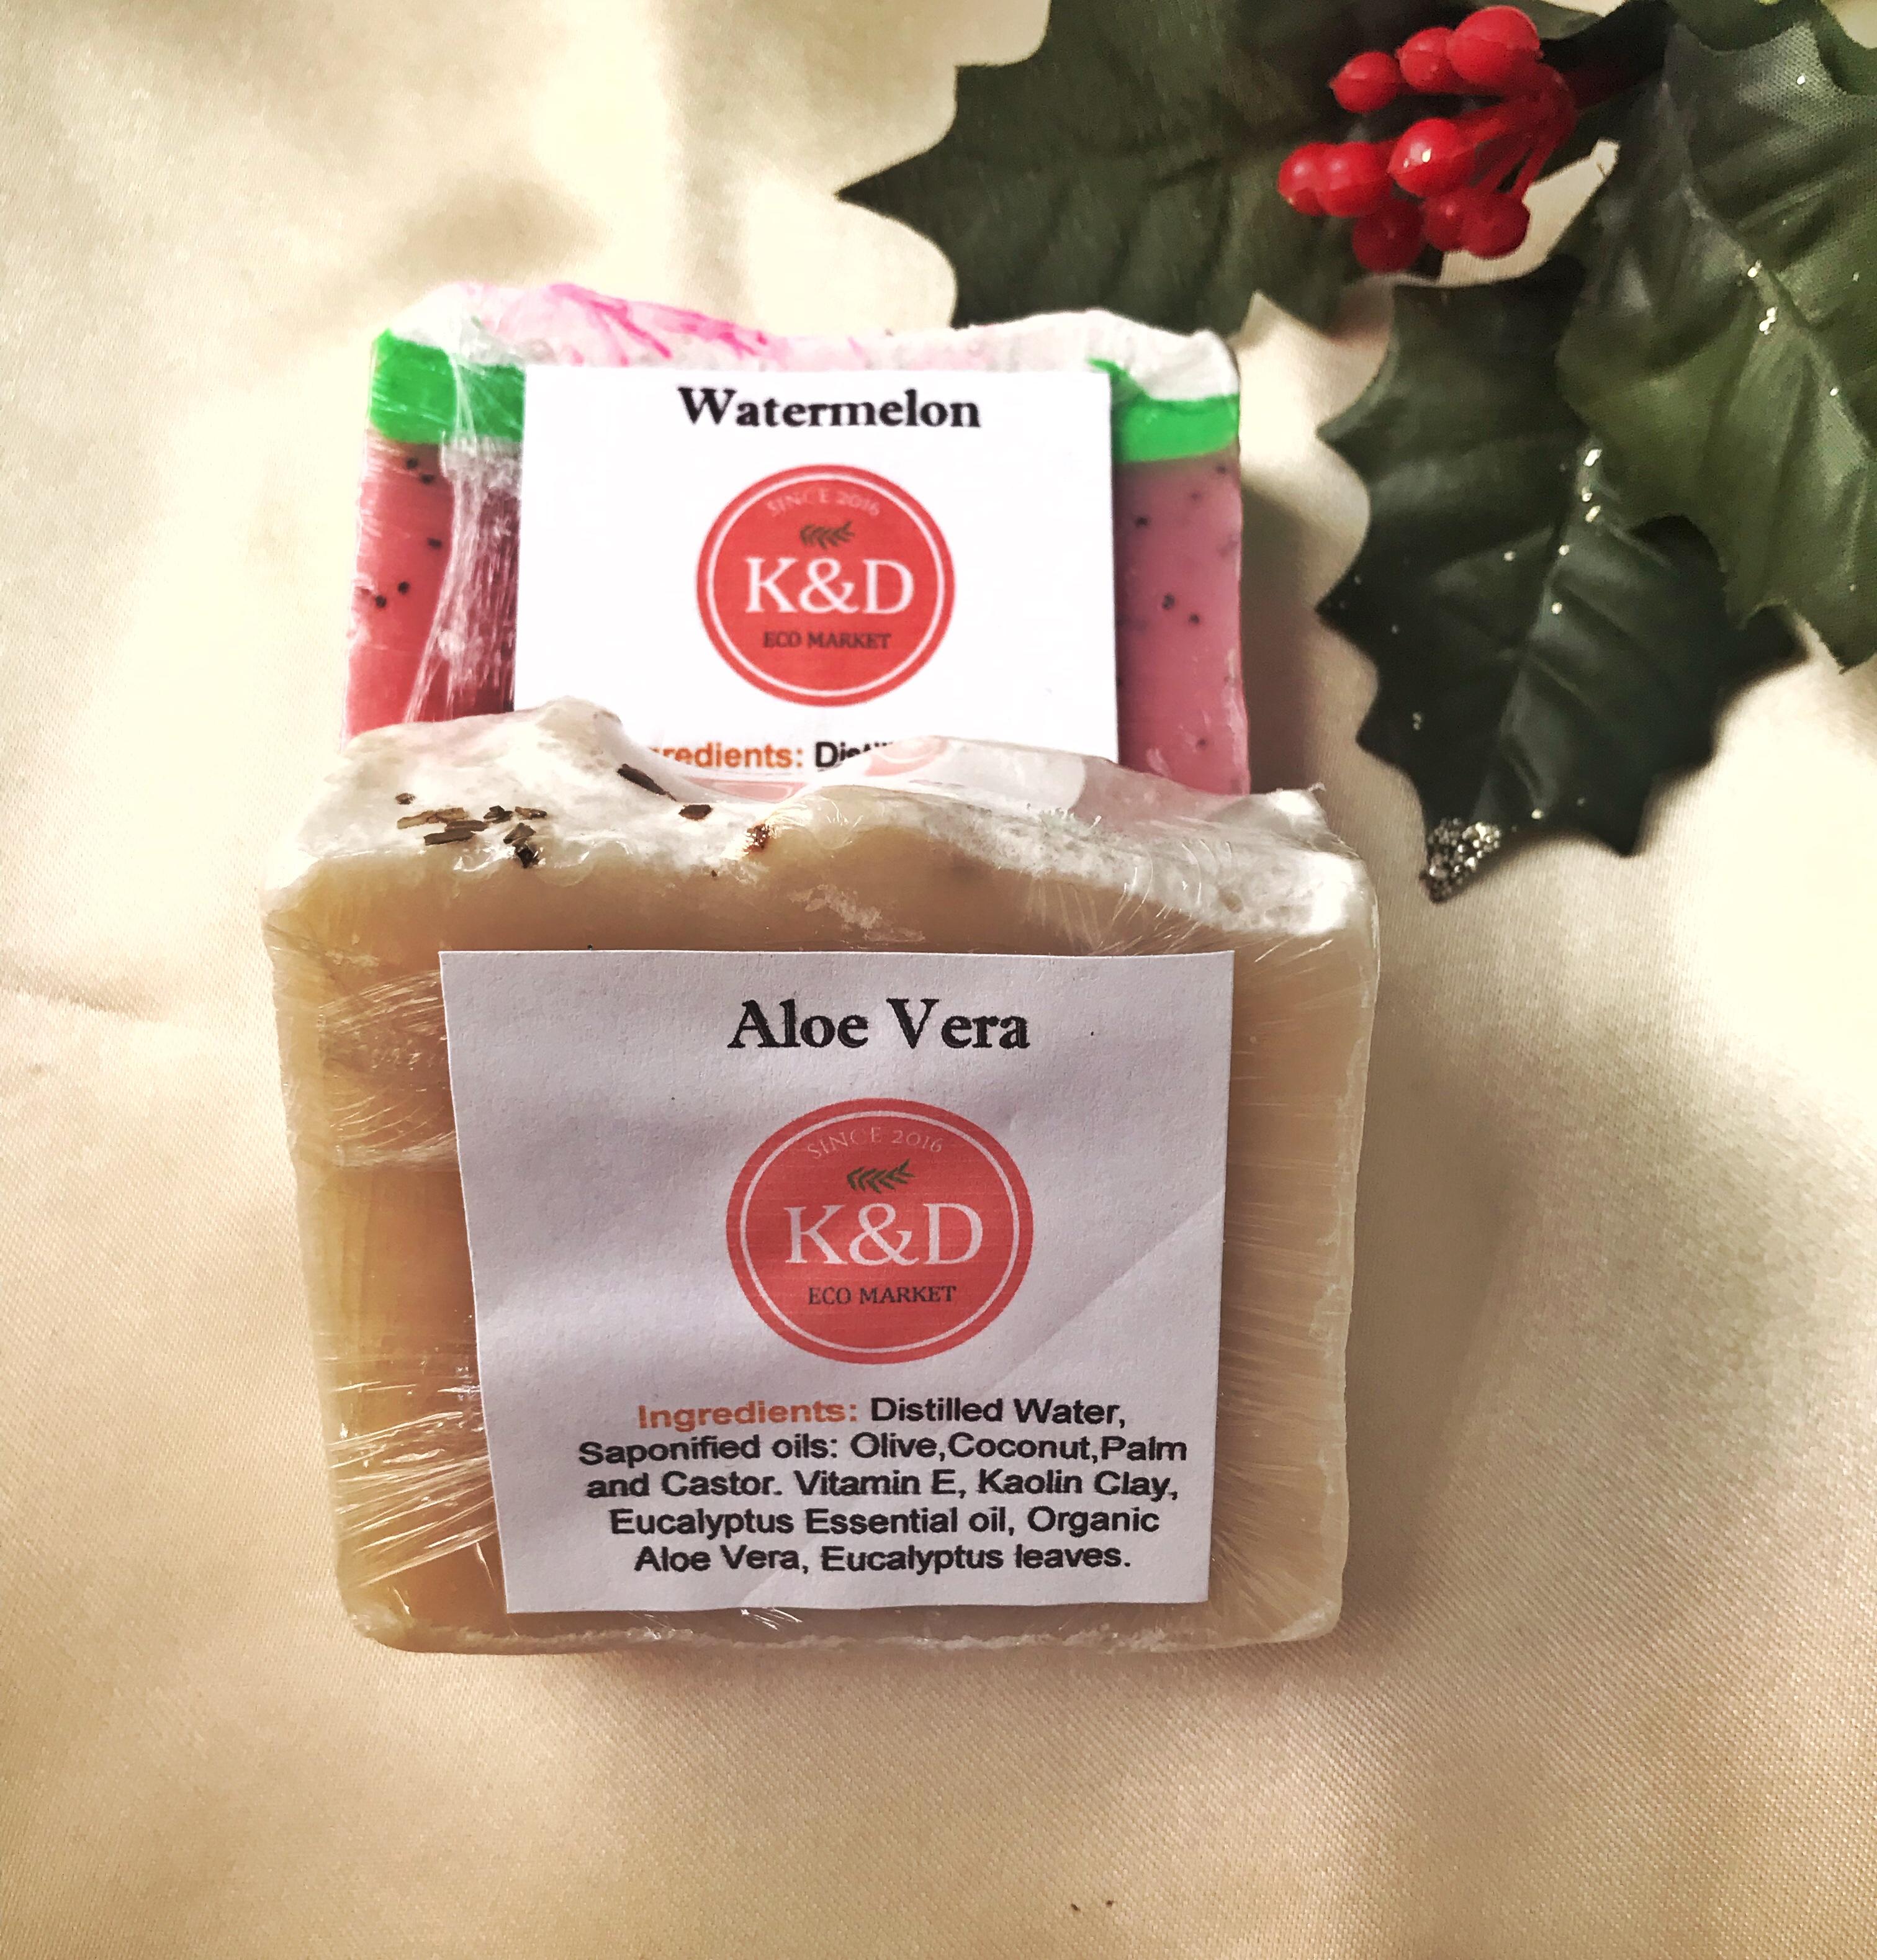 jabones artesanales de aloe vera y watermelon k&d ecomarket